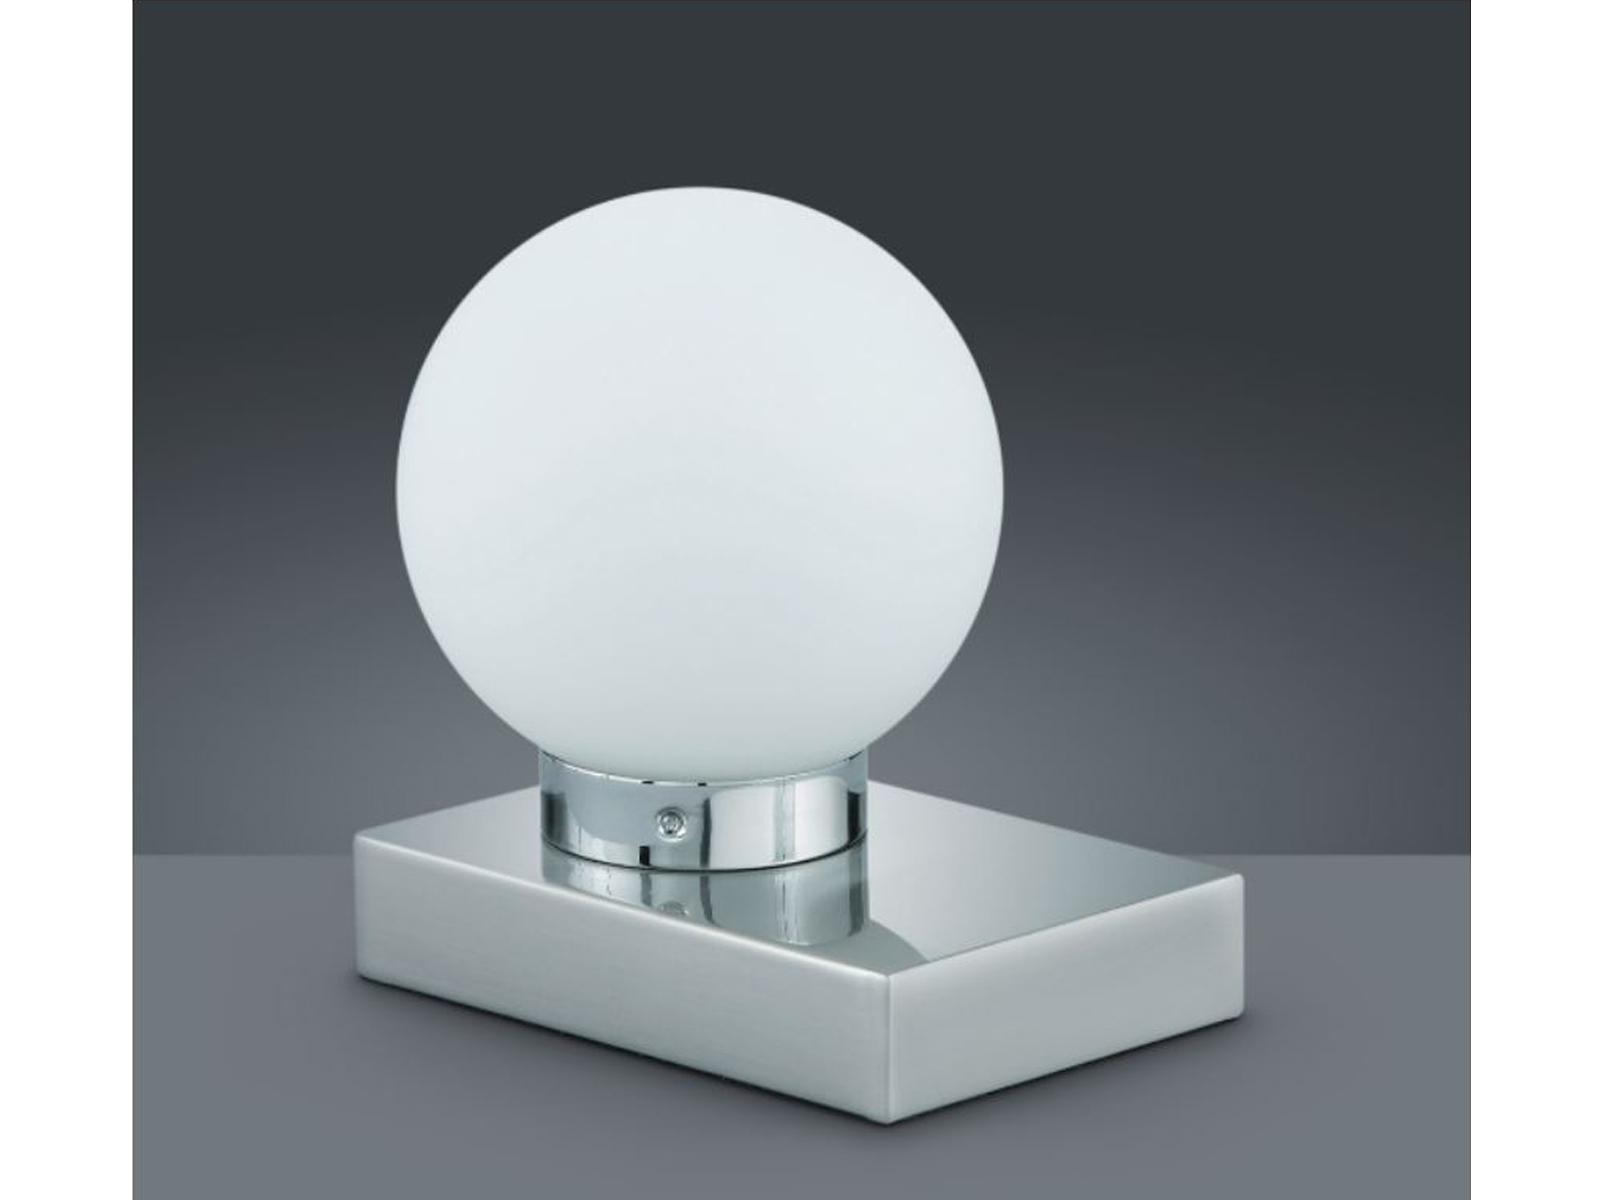 Nickel matt 10 x 15cm E14 TRIO Tischlampe TOUCH-ME Glas weiß